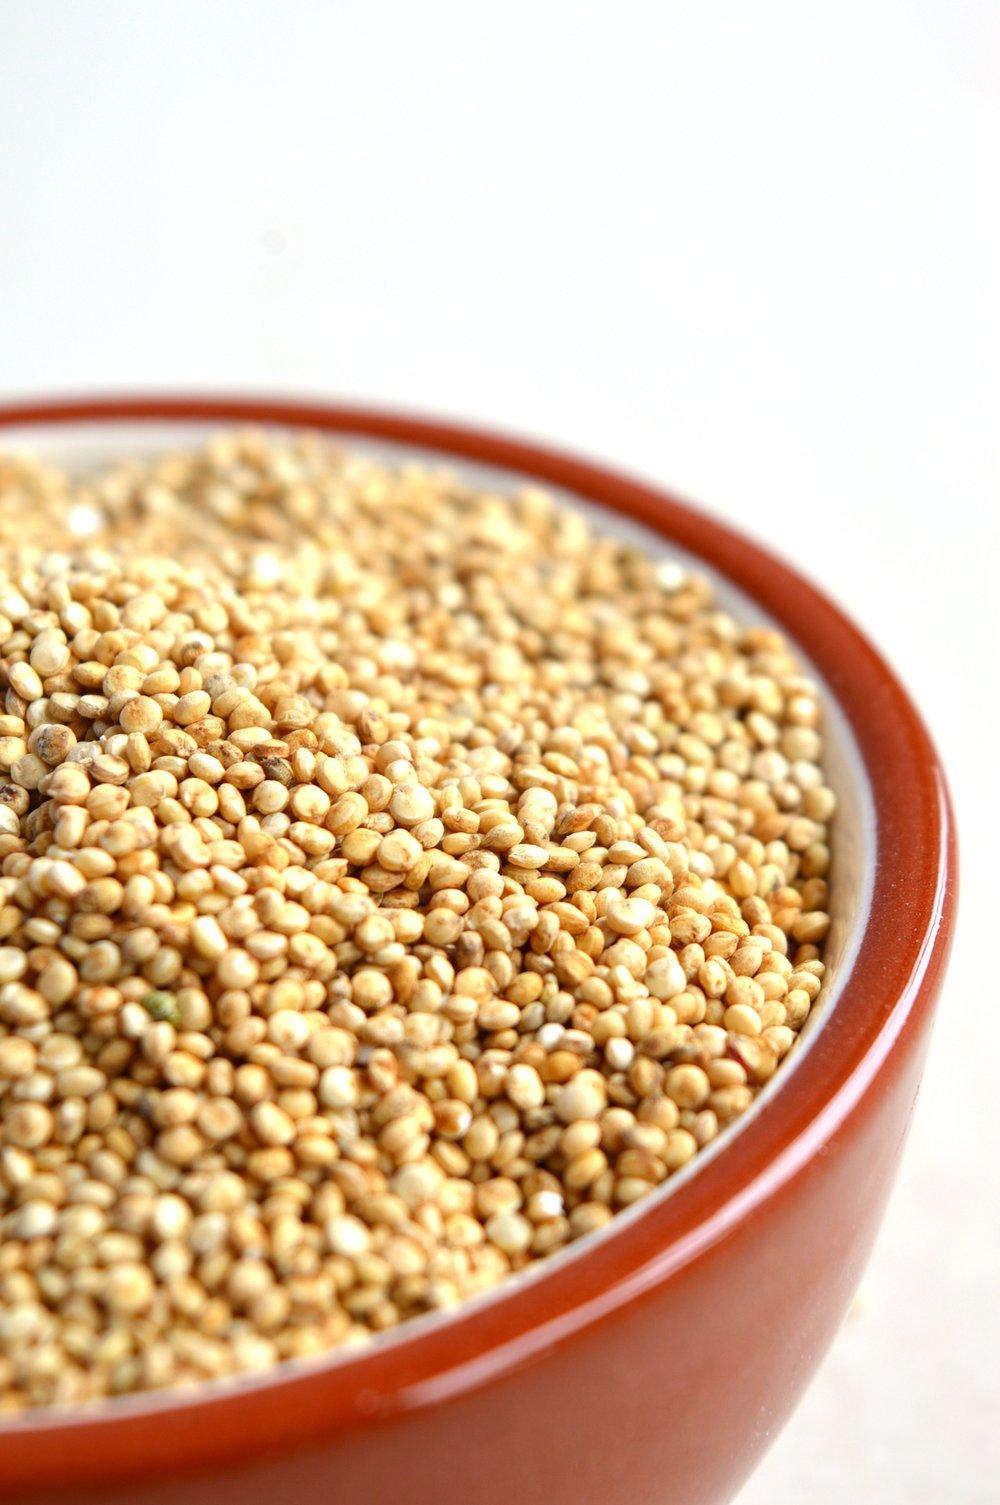 quinoa-1243591_1920.jpg